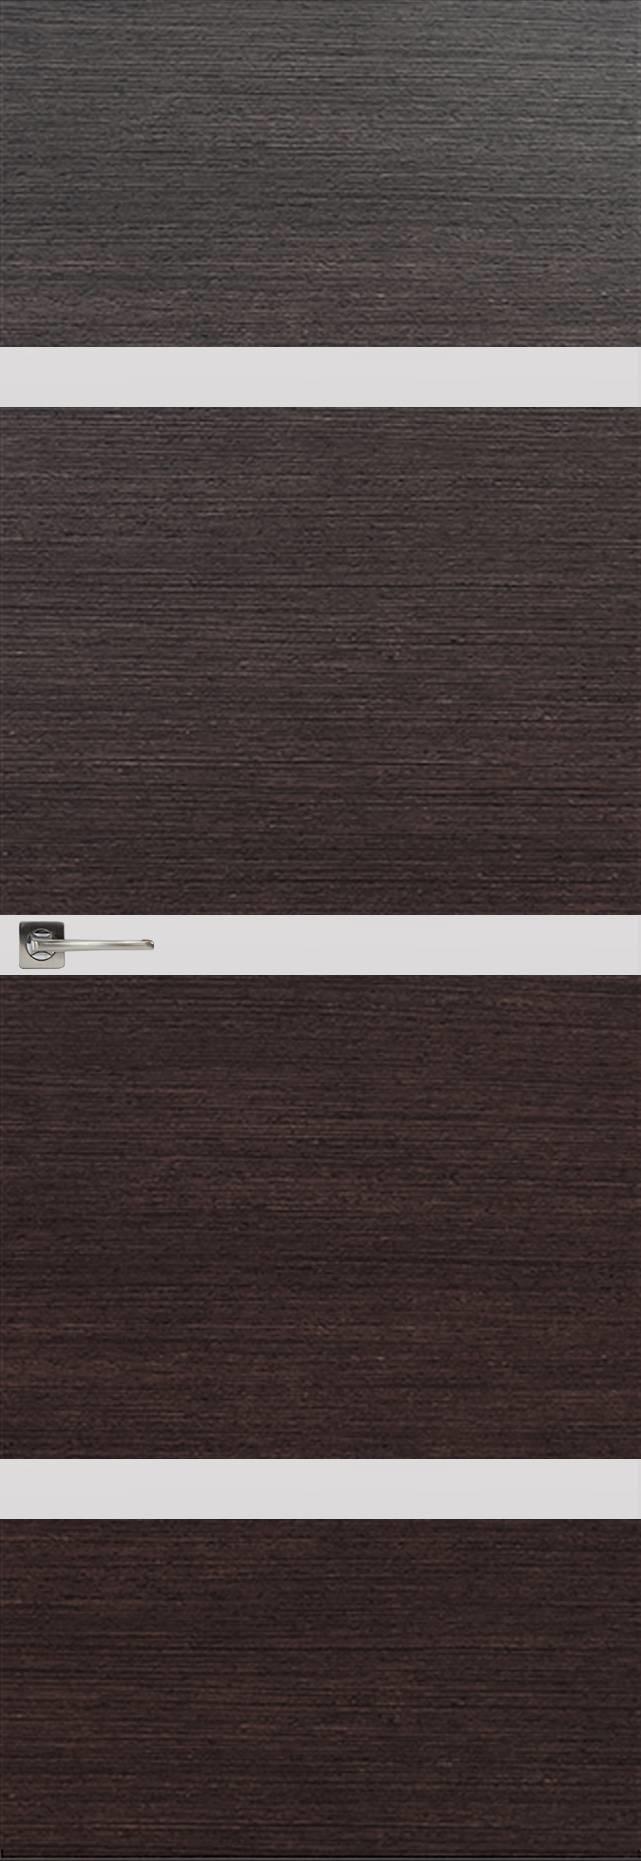 Tivoli Г-4 Invisible цвет - Венге Шоколад Без стекла (ДГ)